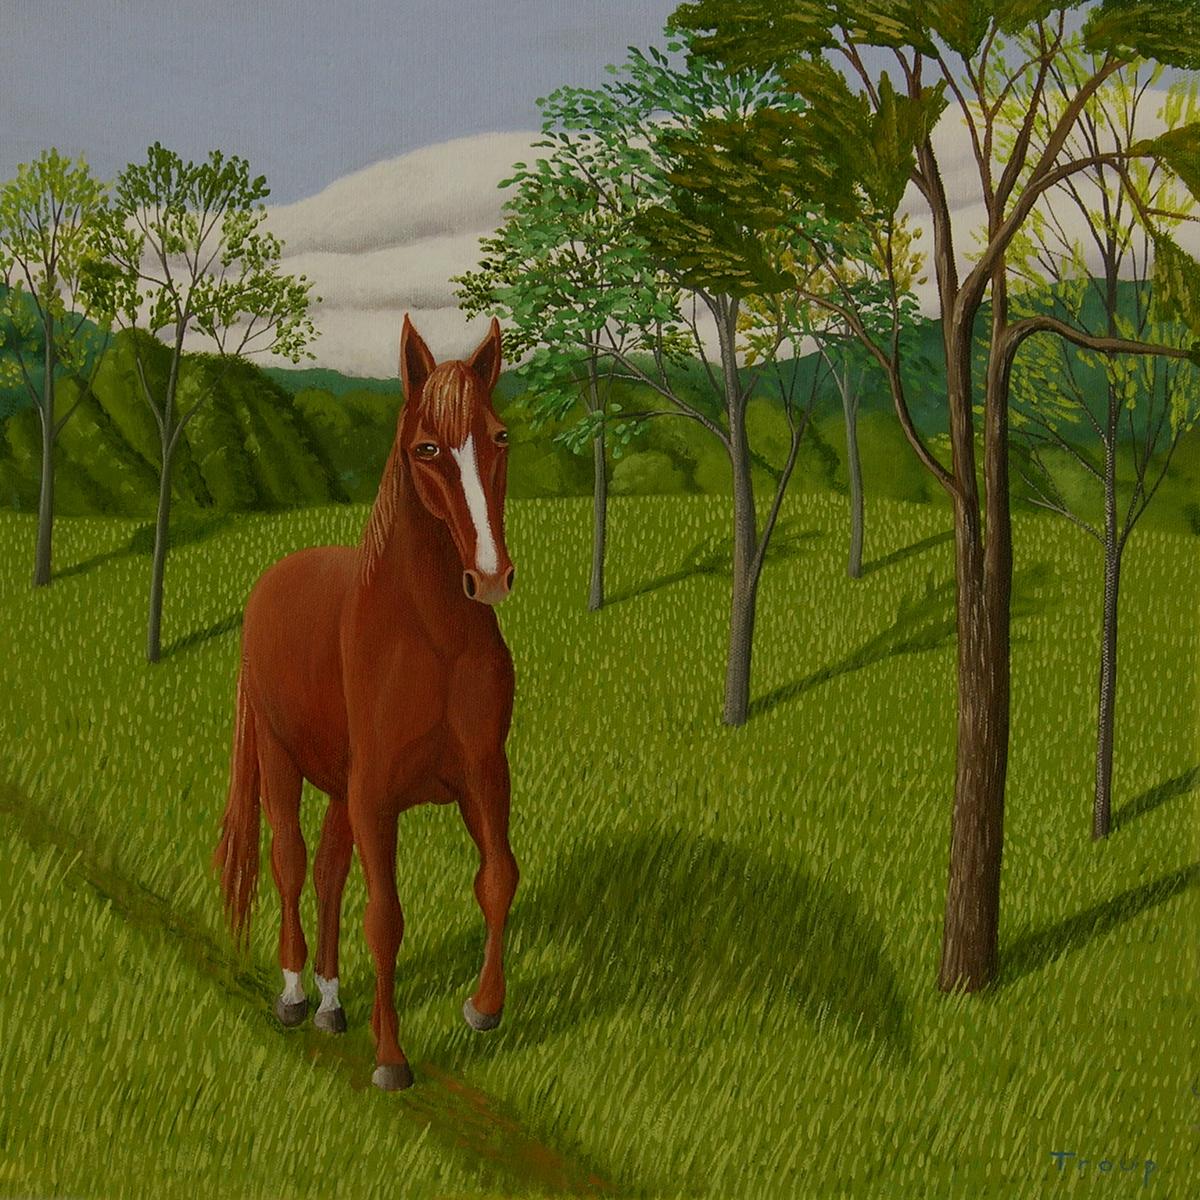 WALKING HORSE (large view)